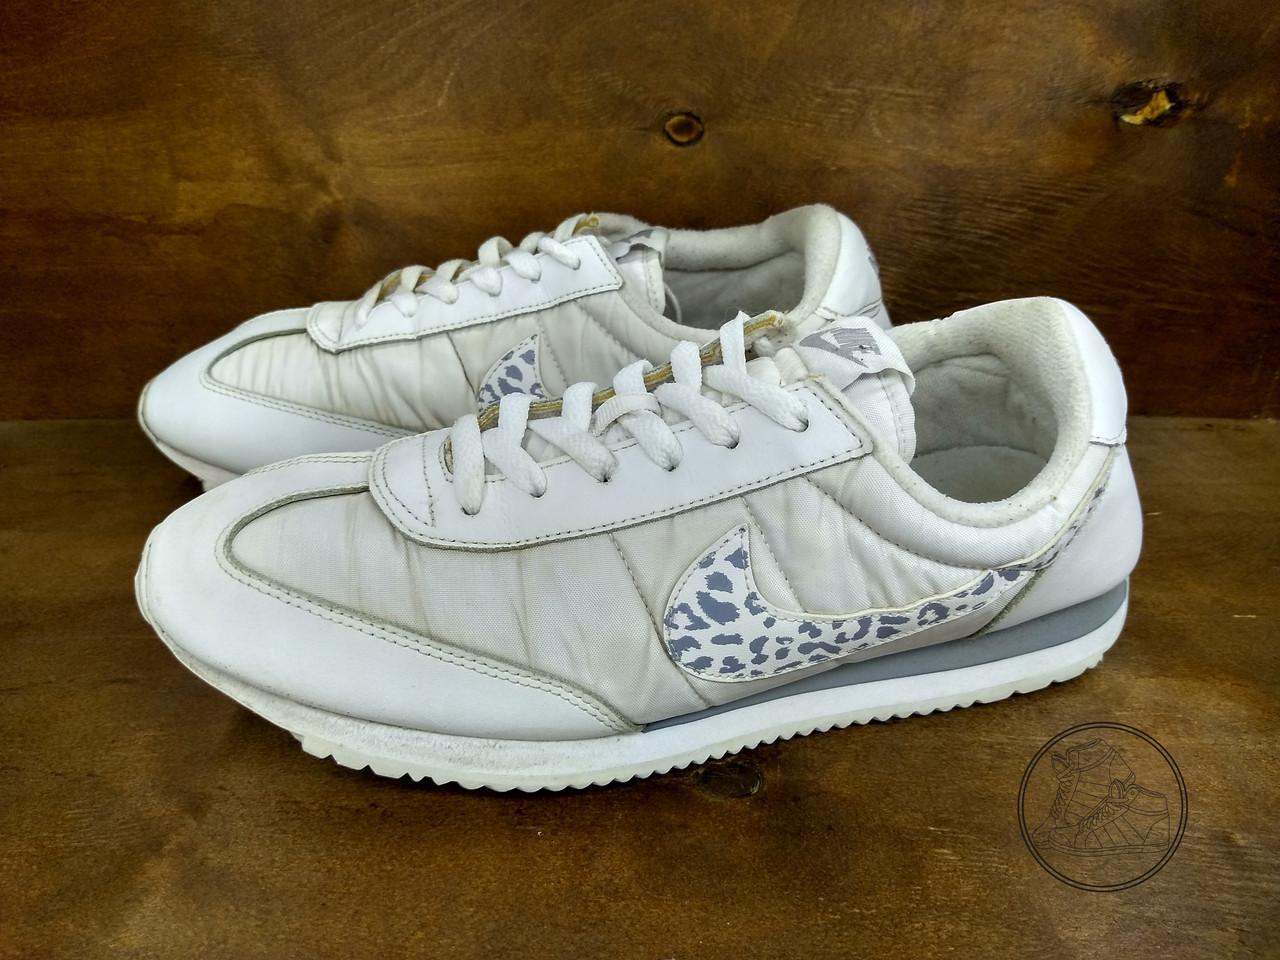 285800e0 Беговые кроссовки Nike cortez (41 размер) бу - Интернет-магазин обуви из  Европы